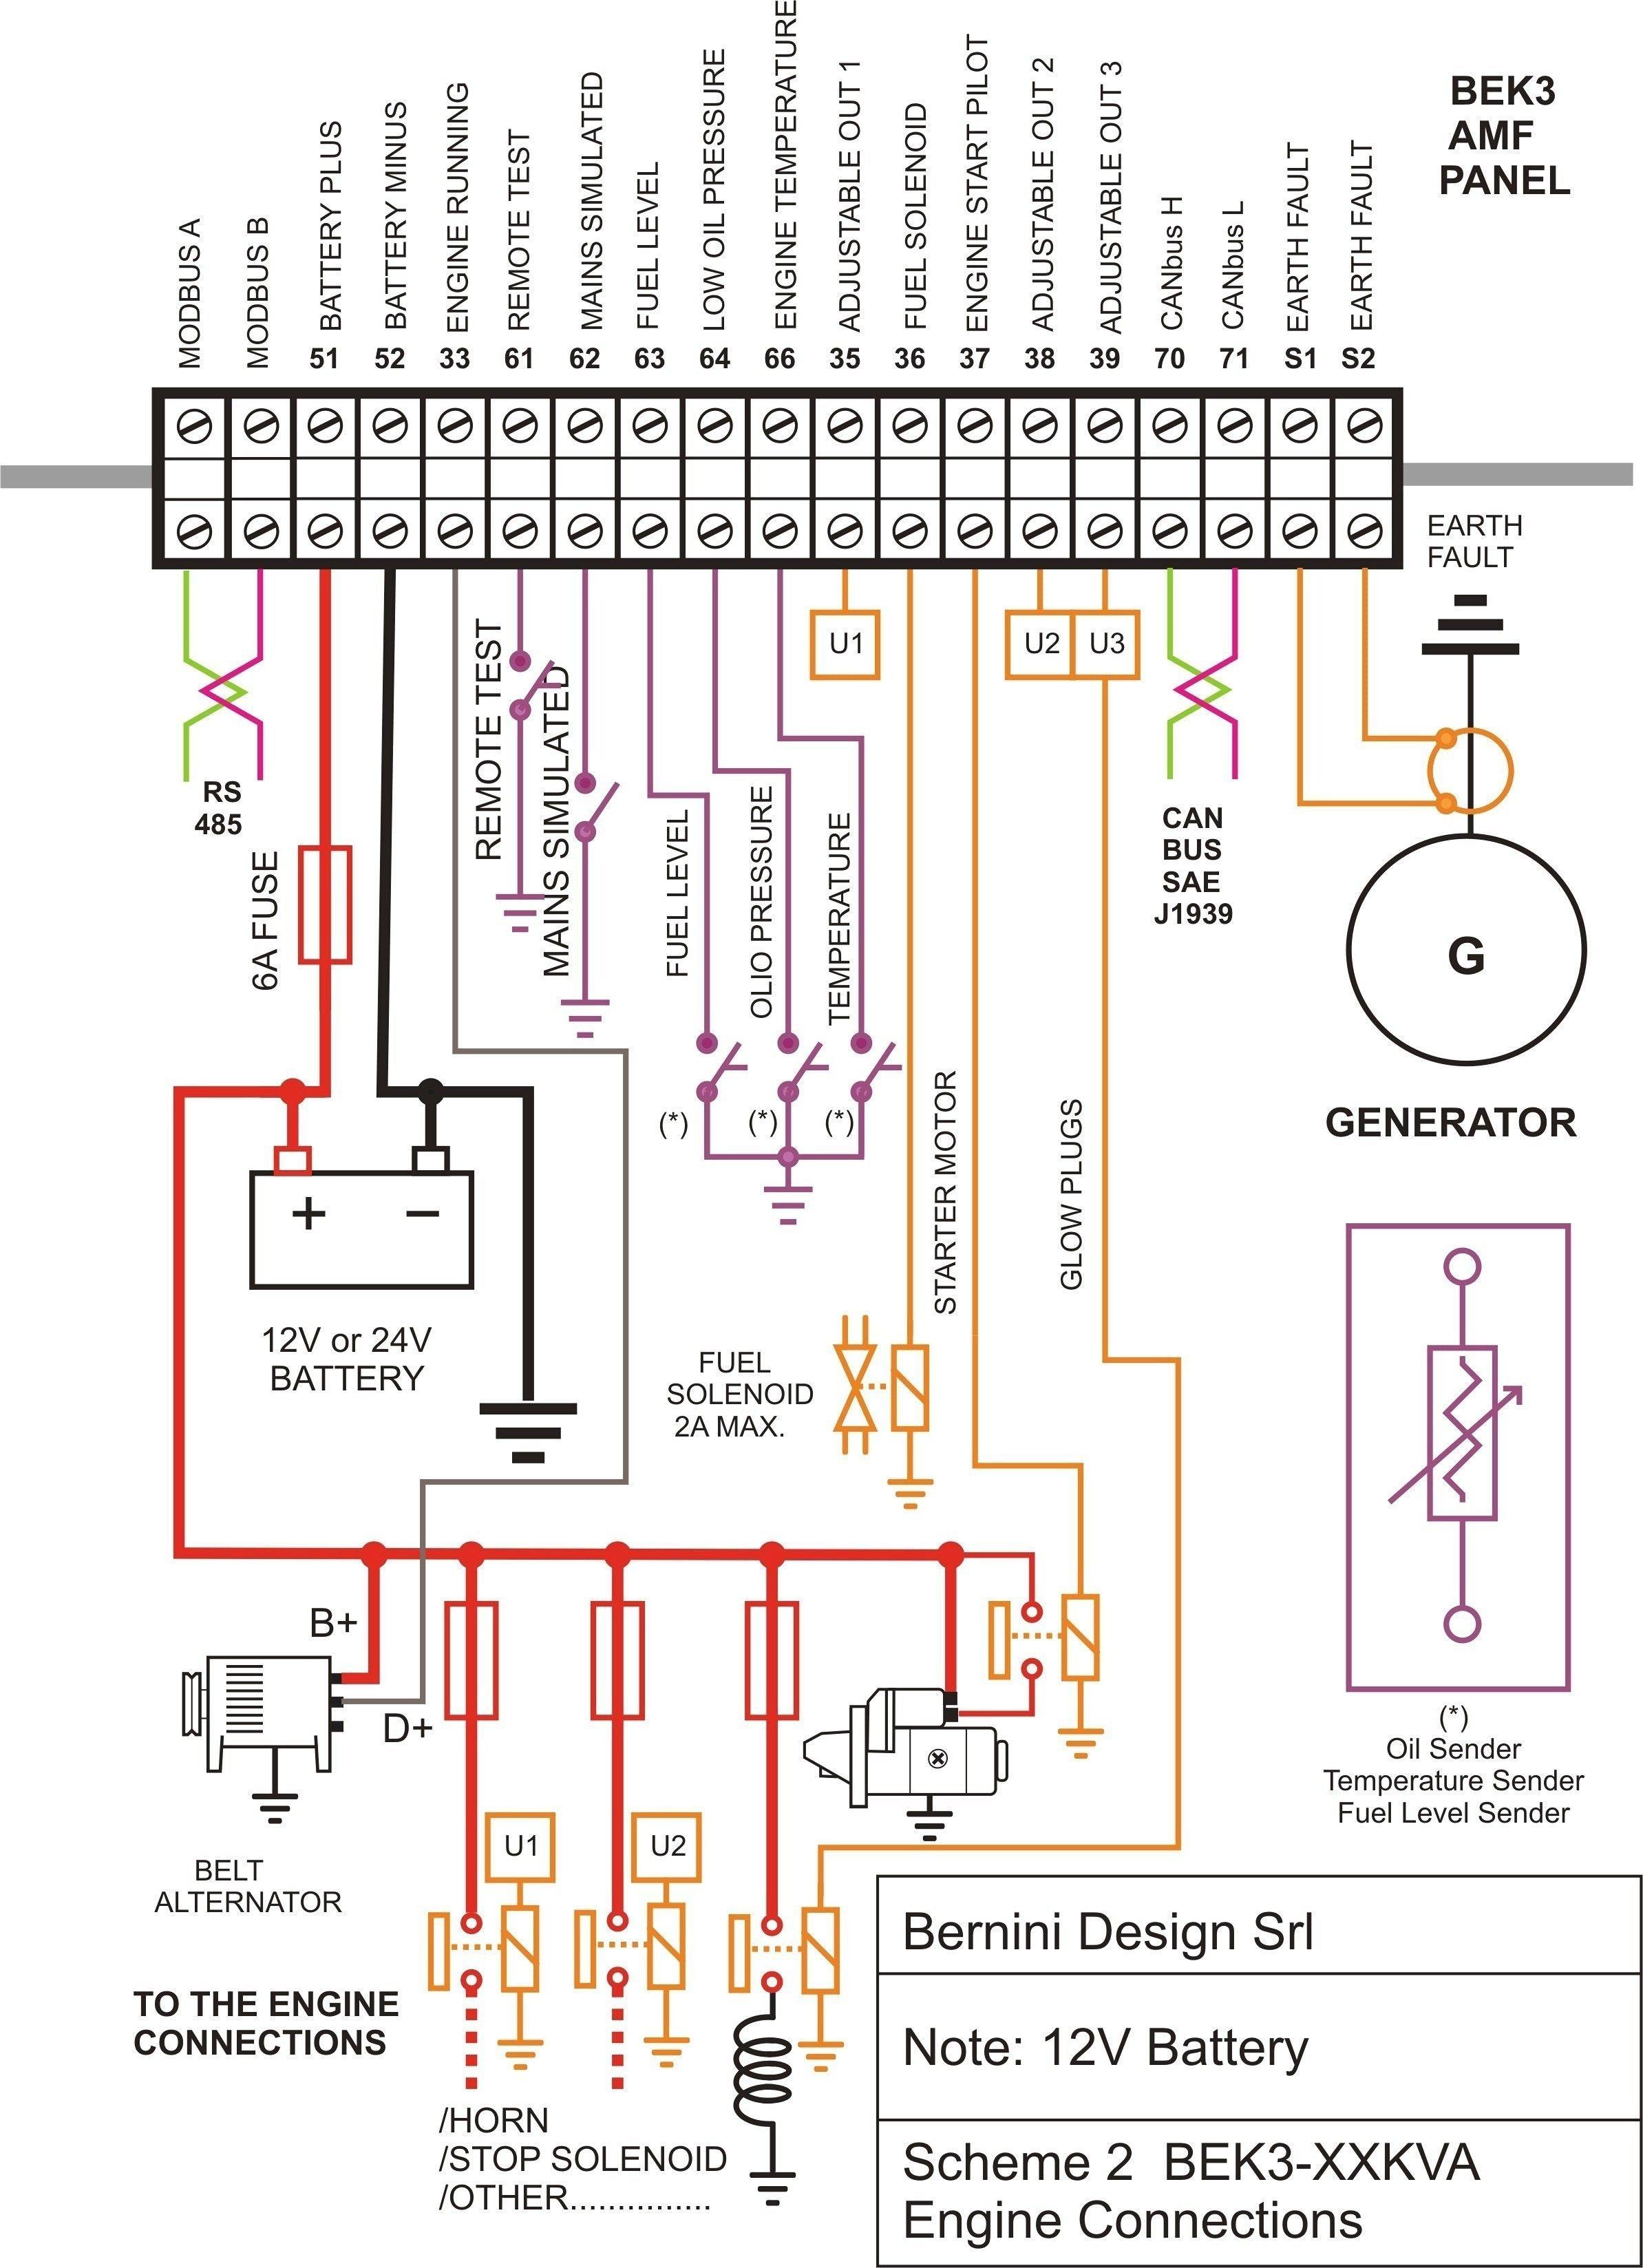 New Home Panel Wiring Diagram Diagram Diagramsample Diagramtemplate Wiringdiagram Diagr Electrical Circuit Diagram Basic Electrical Wiring Circuit Diagram